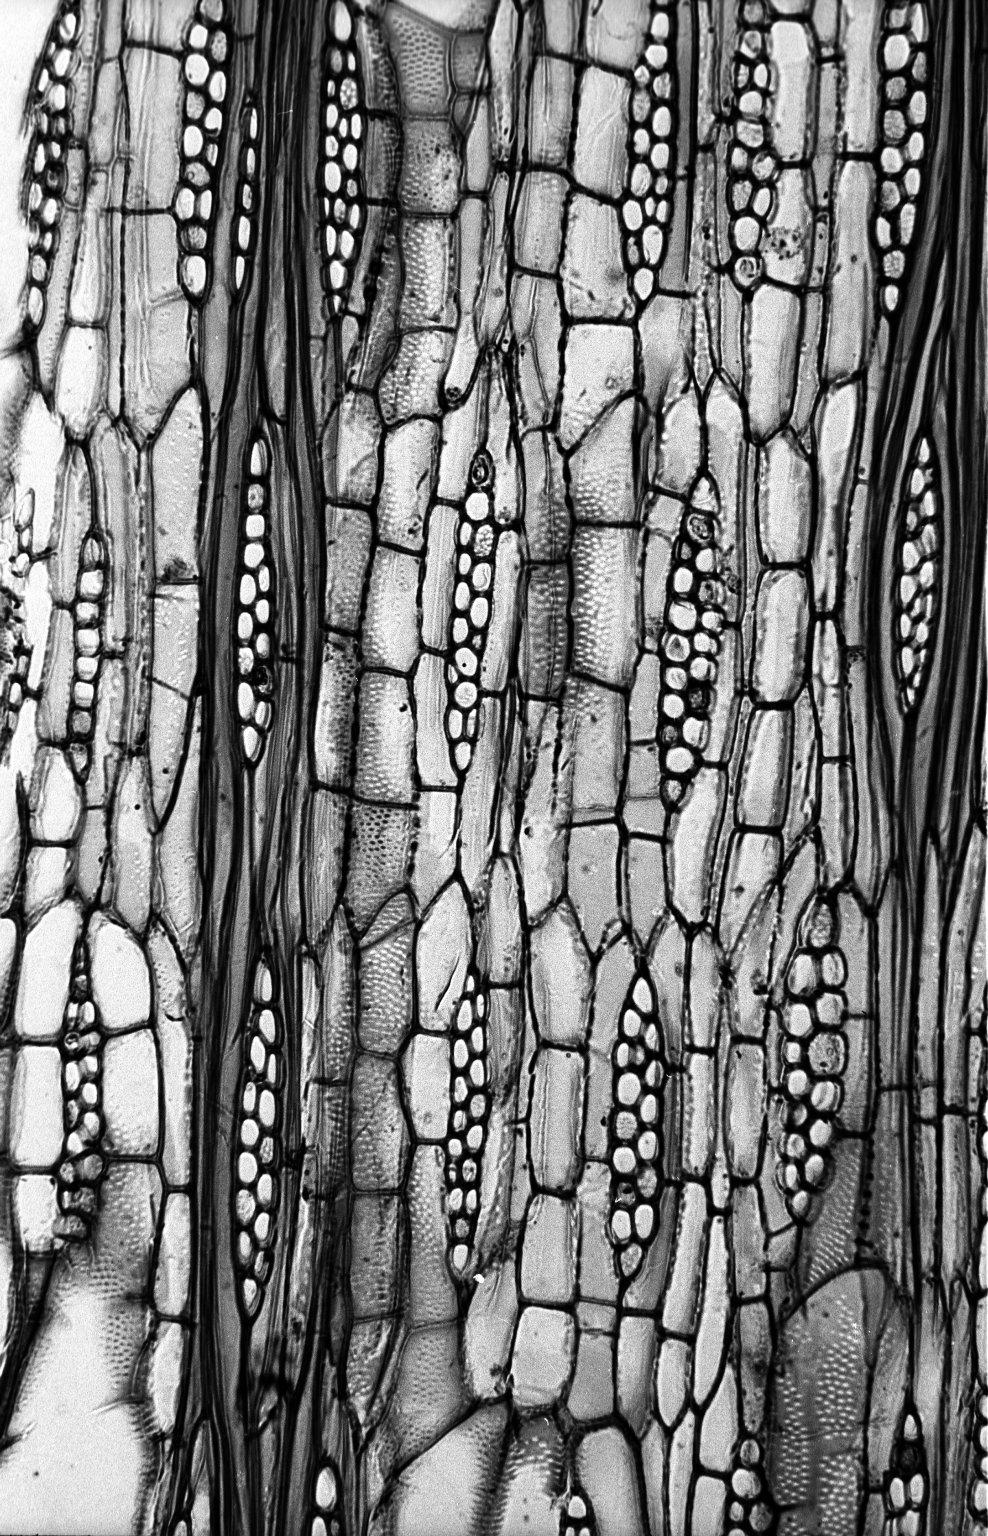 BIGNONIACEAE Handroanthus impetiginosus